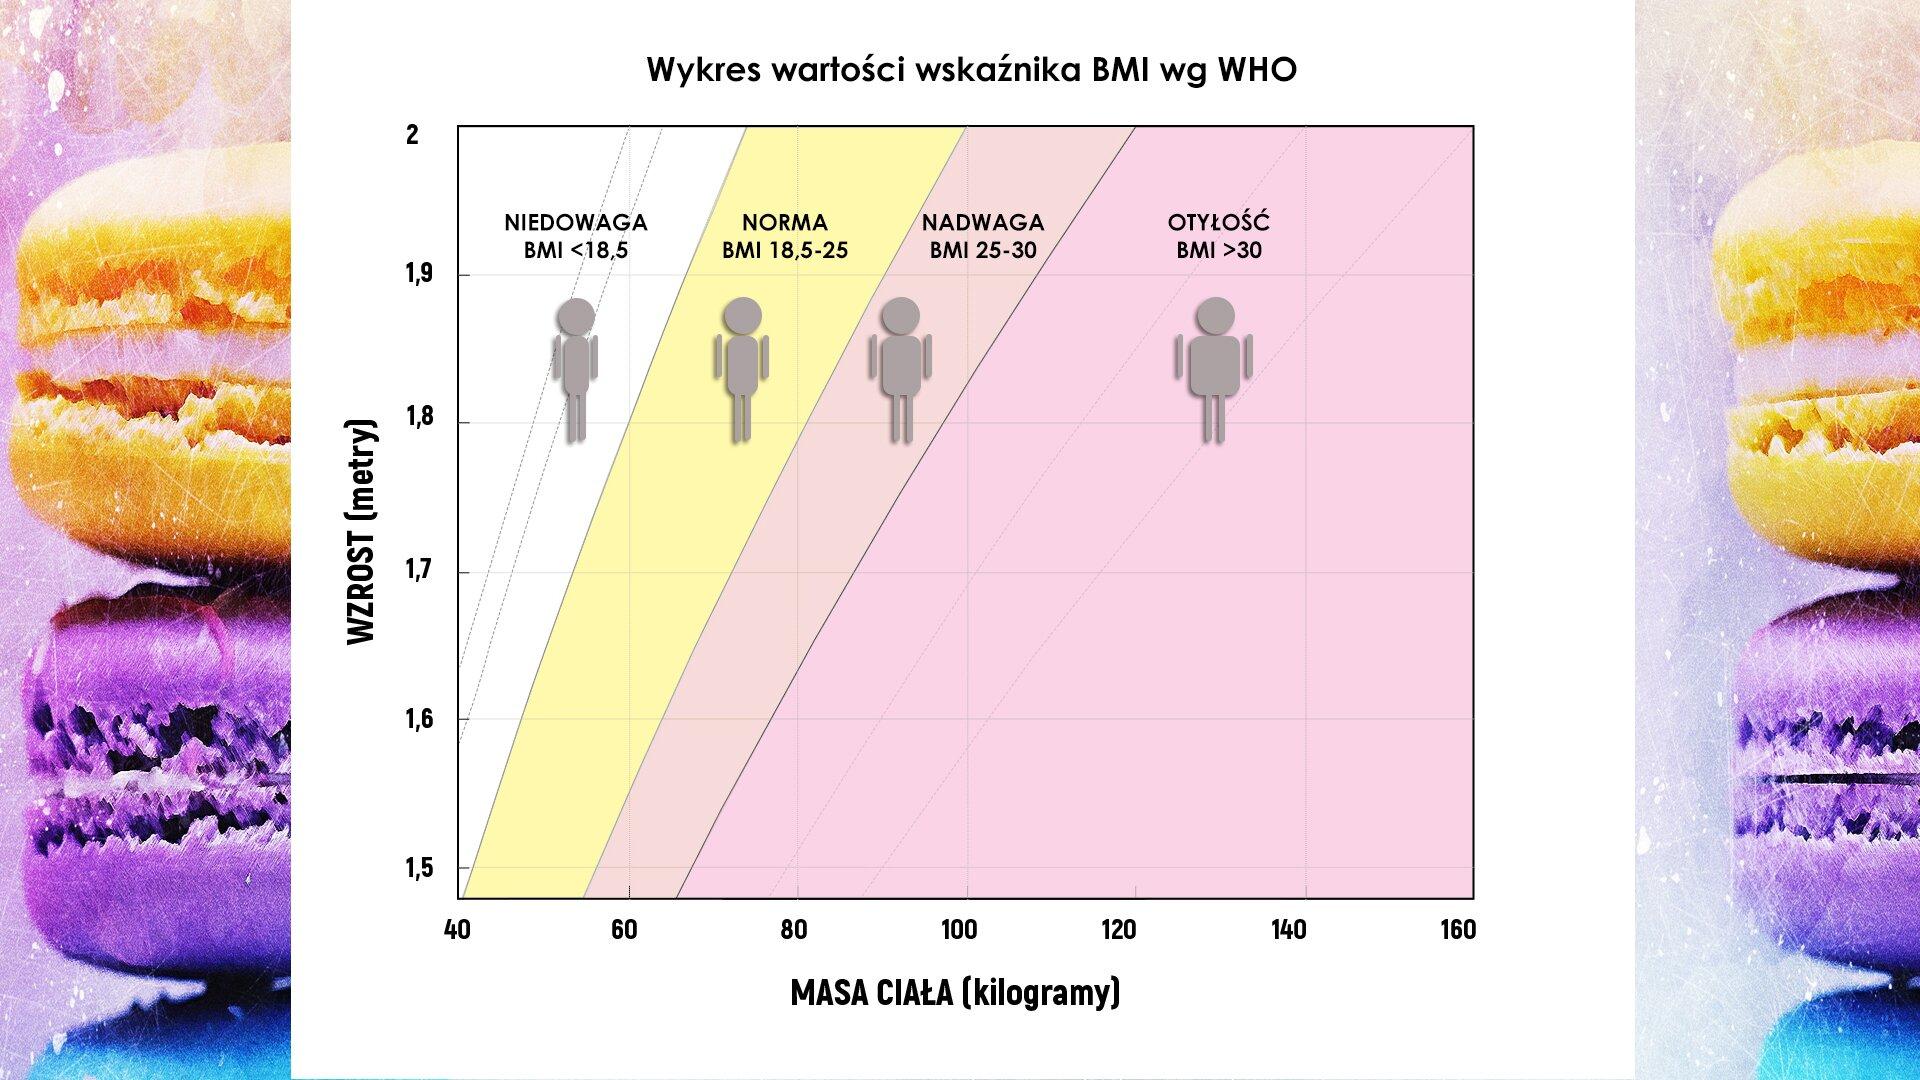 """Ilustracja przedstawia pracę domową umieszczoną wramce. Tematem pracy jest obliczanie wskaźnika BMI. Poniżej treści pracy domowej zamieszczony jest rysunek ilustrujący poziomy wskaźnika BMI. Na tle rysunku przedstawiającego leżące jedna na drugiej kolorowe kanapki leży biała kartka zkolorowym wykresem zatytułowanym """" Wykres wartości wskaźnika BMI wg WHO"""". Oś odciętych opisana jest jako """"WAGA (kilogramy)"""", zakres skali 40 kg do 160kg zaznaczone na skali co 20kg. Oś rzędnych opisana jest jako """"WYSOKOŚĆ (metry)"""", zakres skali 1,5m do 2m zaznaczone na skali co 0.1m . Wykres pokazuje jaka wartość wagi przy określonym wzroście kwalifikuje osobę do określonego przedziału BMI. Wewnątrz wykresu różnymi kolorami zaznaczono obszary odpowiadające różnym poziomom wskaźnika BMI. Są one opisane iwypełnione różnymi kolorami: bez wypełnienia, NIEDOWAGA, BMI<18.5, jasnożółty, NORMA, BMI 18.5-25, wrzosowy, NADWAGA, BMI 25-30, fioletowy, OTYŁOŚĆ, BMI > 30. Wgórnej części każdego obszaru umieszczone zostały ich nazwy, apod nimi graficzne symbole sylwetek ludzkich. Wkażdym znich sylwetka wygląda inaczej. Wobszarze opisanym jako """"NIEDOWAGA"""" umieszczona została sylwetka sugerująca osobę bardzo szczupłą, wobszarze opisanym jako """"NORMA"""" umieszczona została sylwetka osoby zbudowanej proporcjonalnie, wobszarze opisanym """"NADWAGA"""" znajduje się sylwetka osoby """"dobrze zbudowanej"""", postać narysowana wobszarze opisanym jako """"OTYŁOŚĆ"""" sugeruje osobę otyłą."""